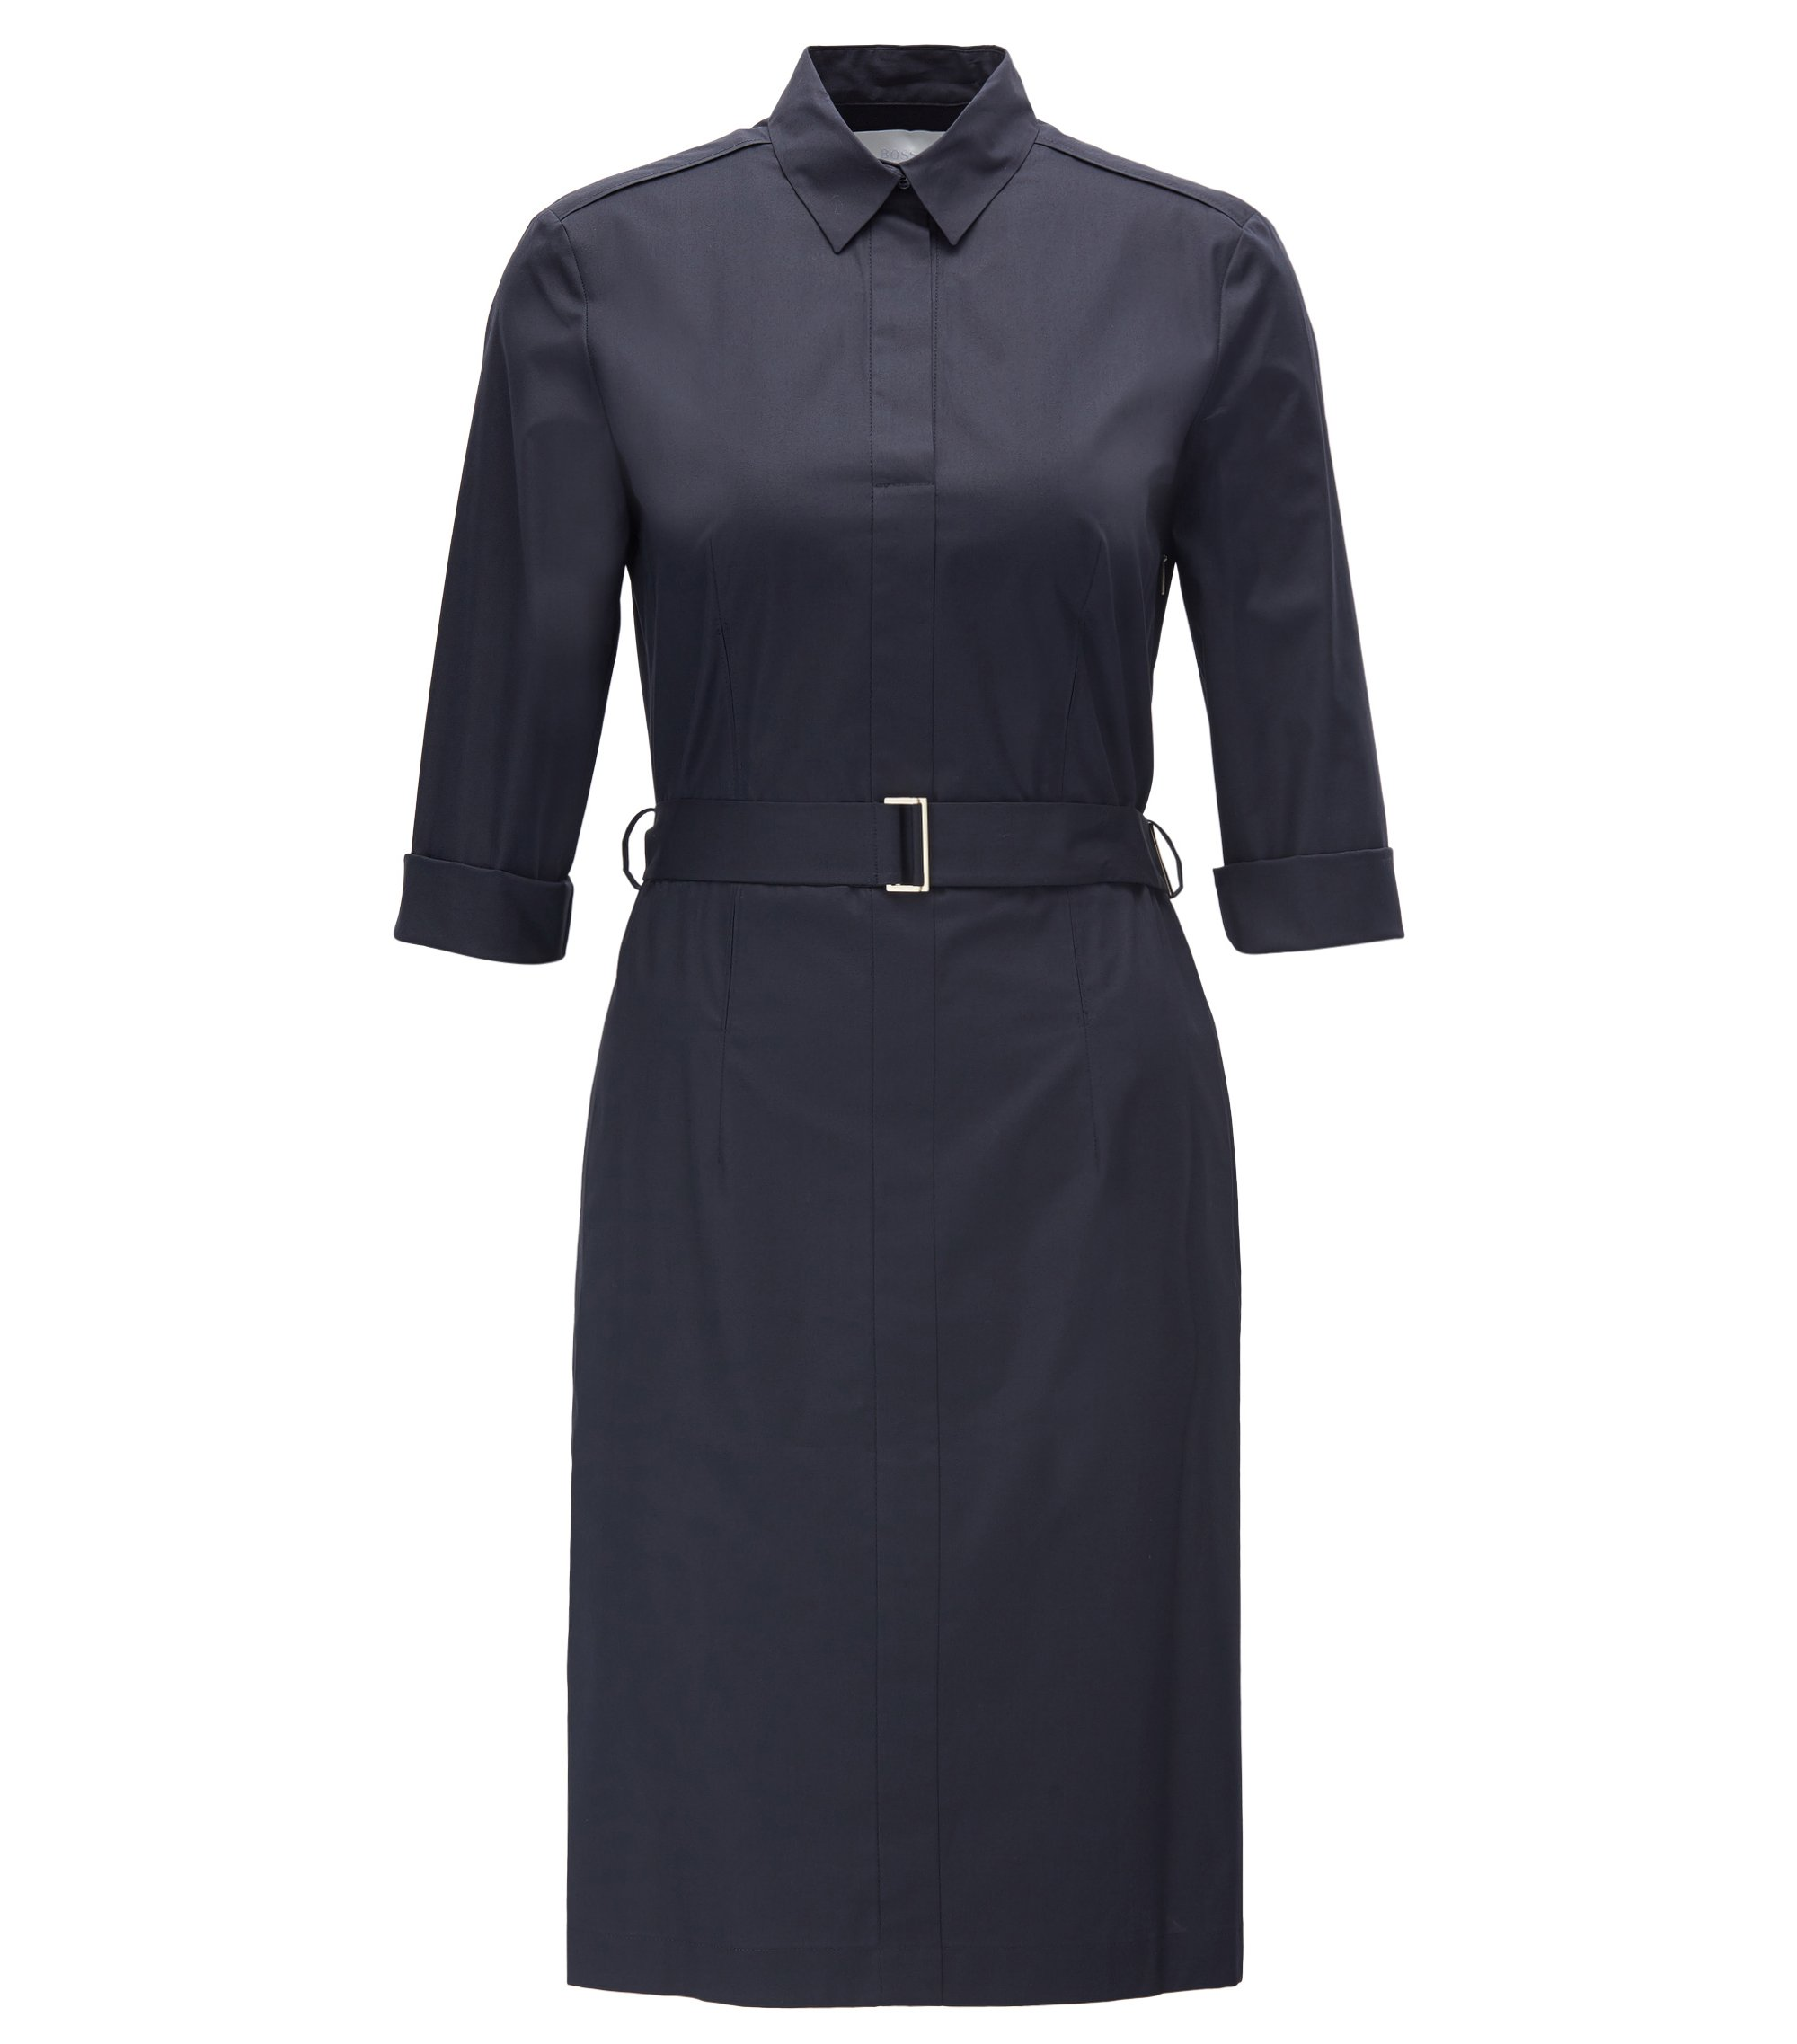 Vestido camisero con cinturón en algodón elástico, Azul oscuro